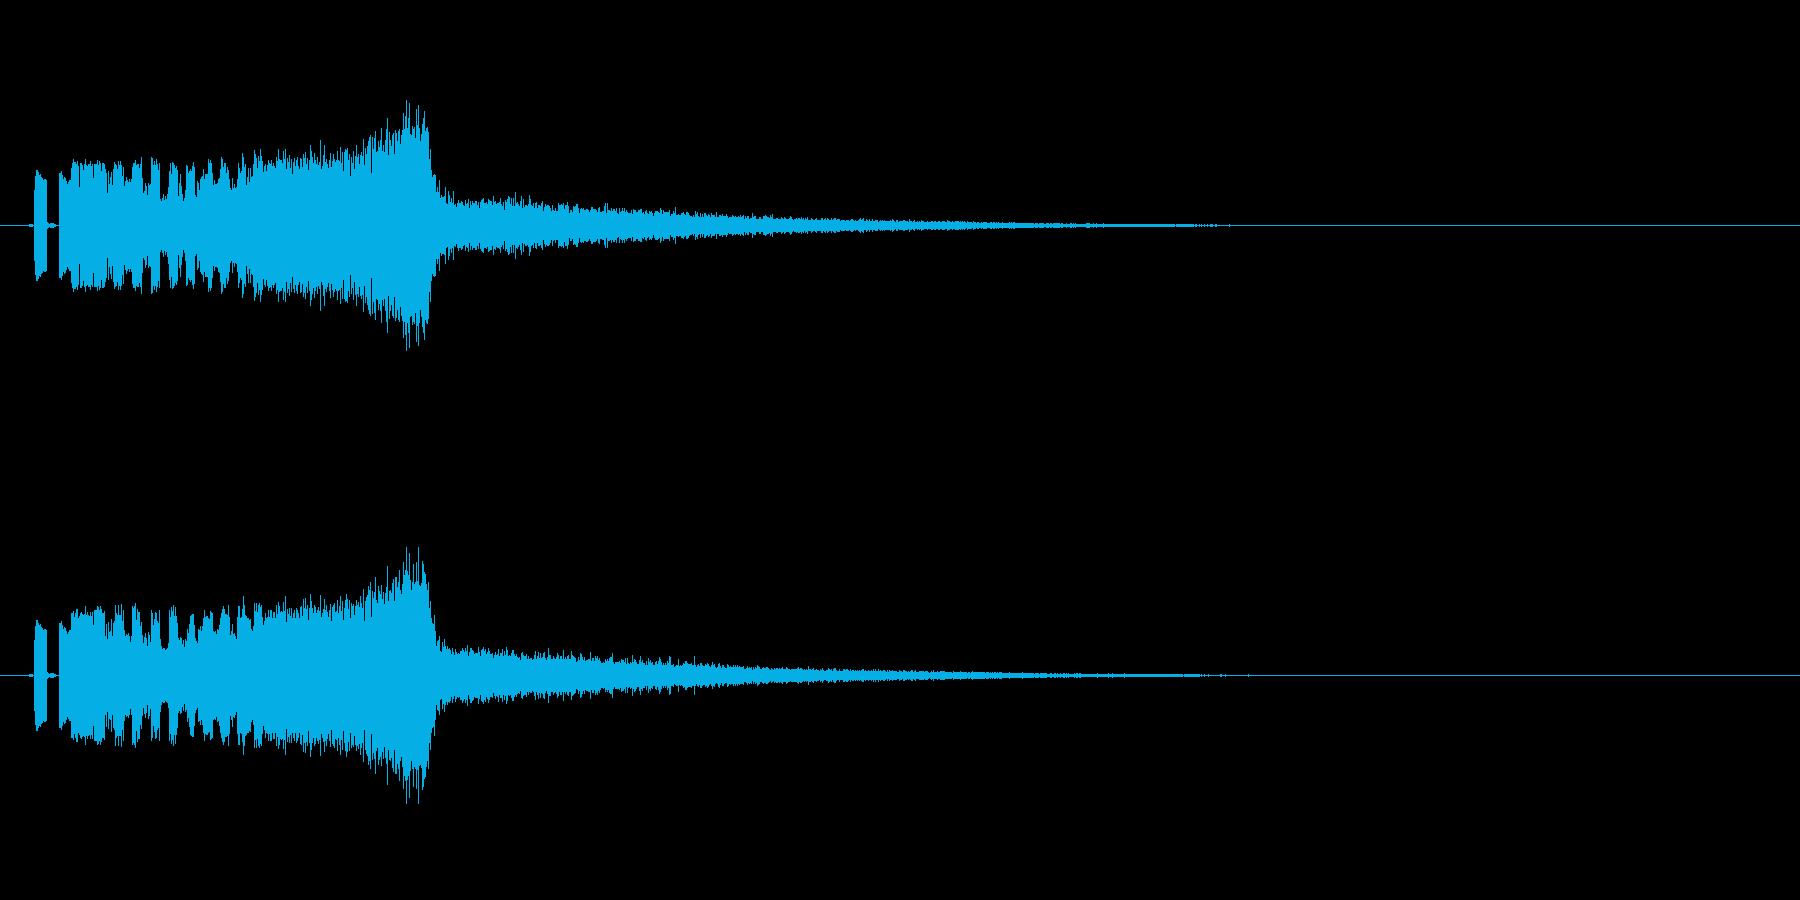 ラジオジングルキットFMジングルの再生済みの波形